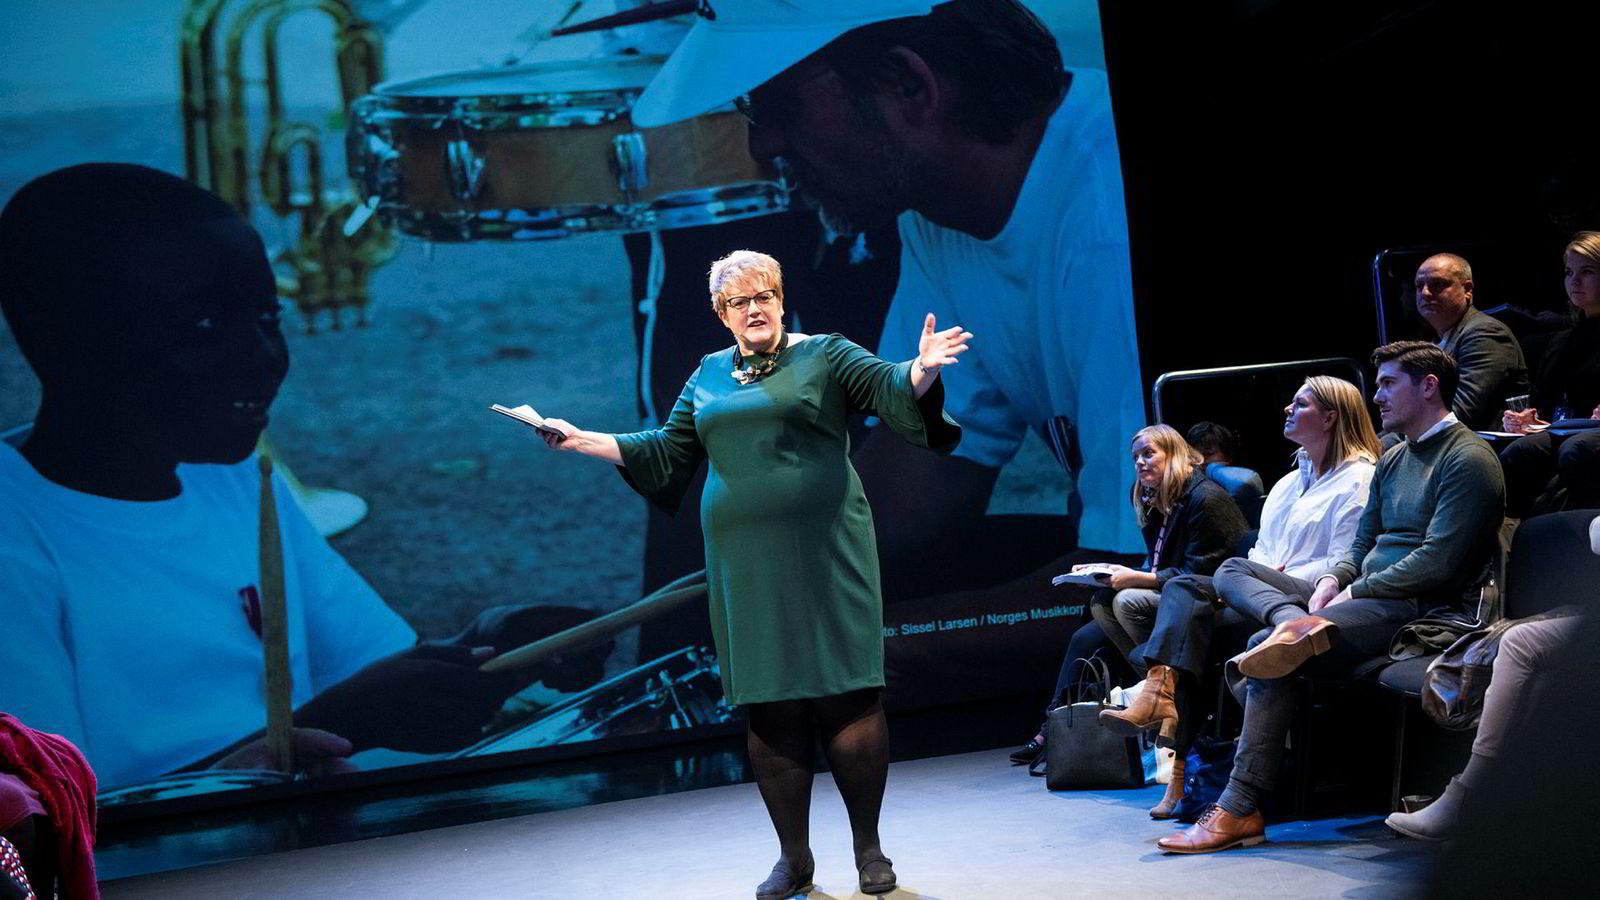 Det er lite begeistret korpsmusikk å spore i meningsmålingene for Venstre-leder Trine Skei Grande.